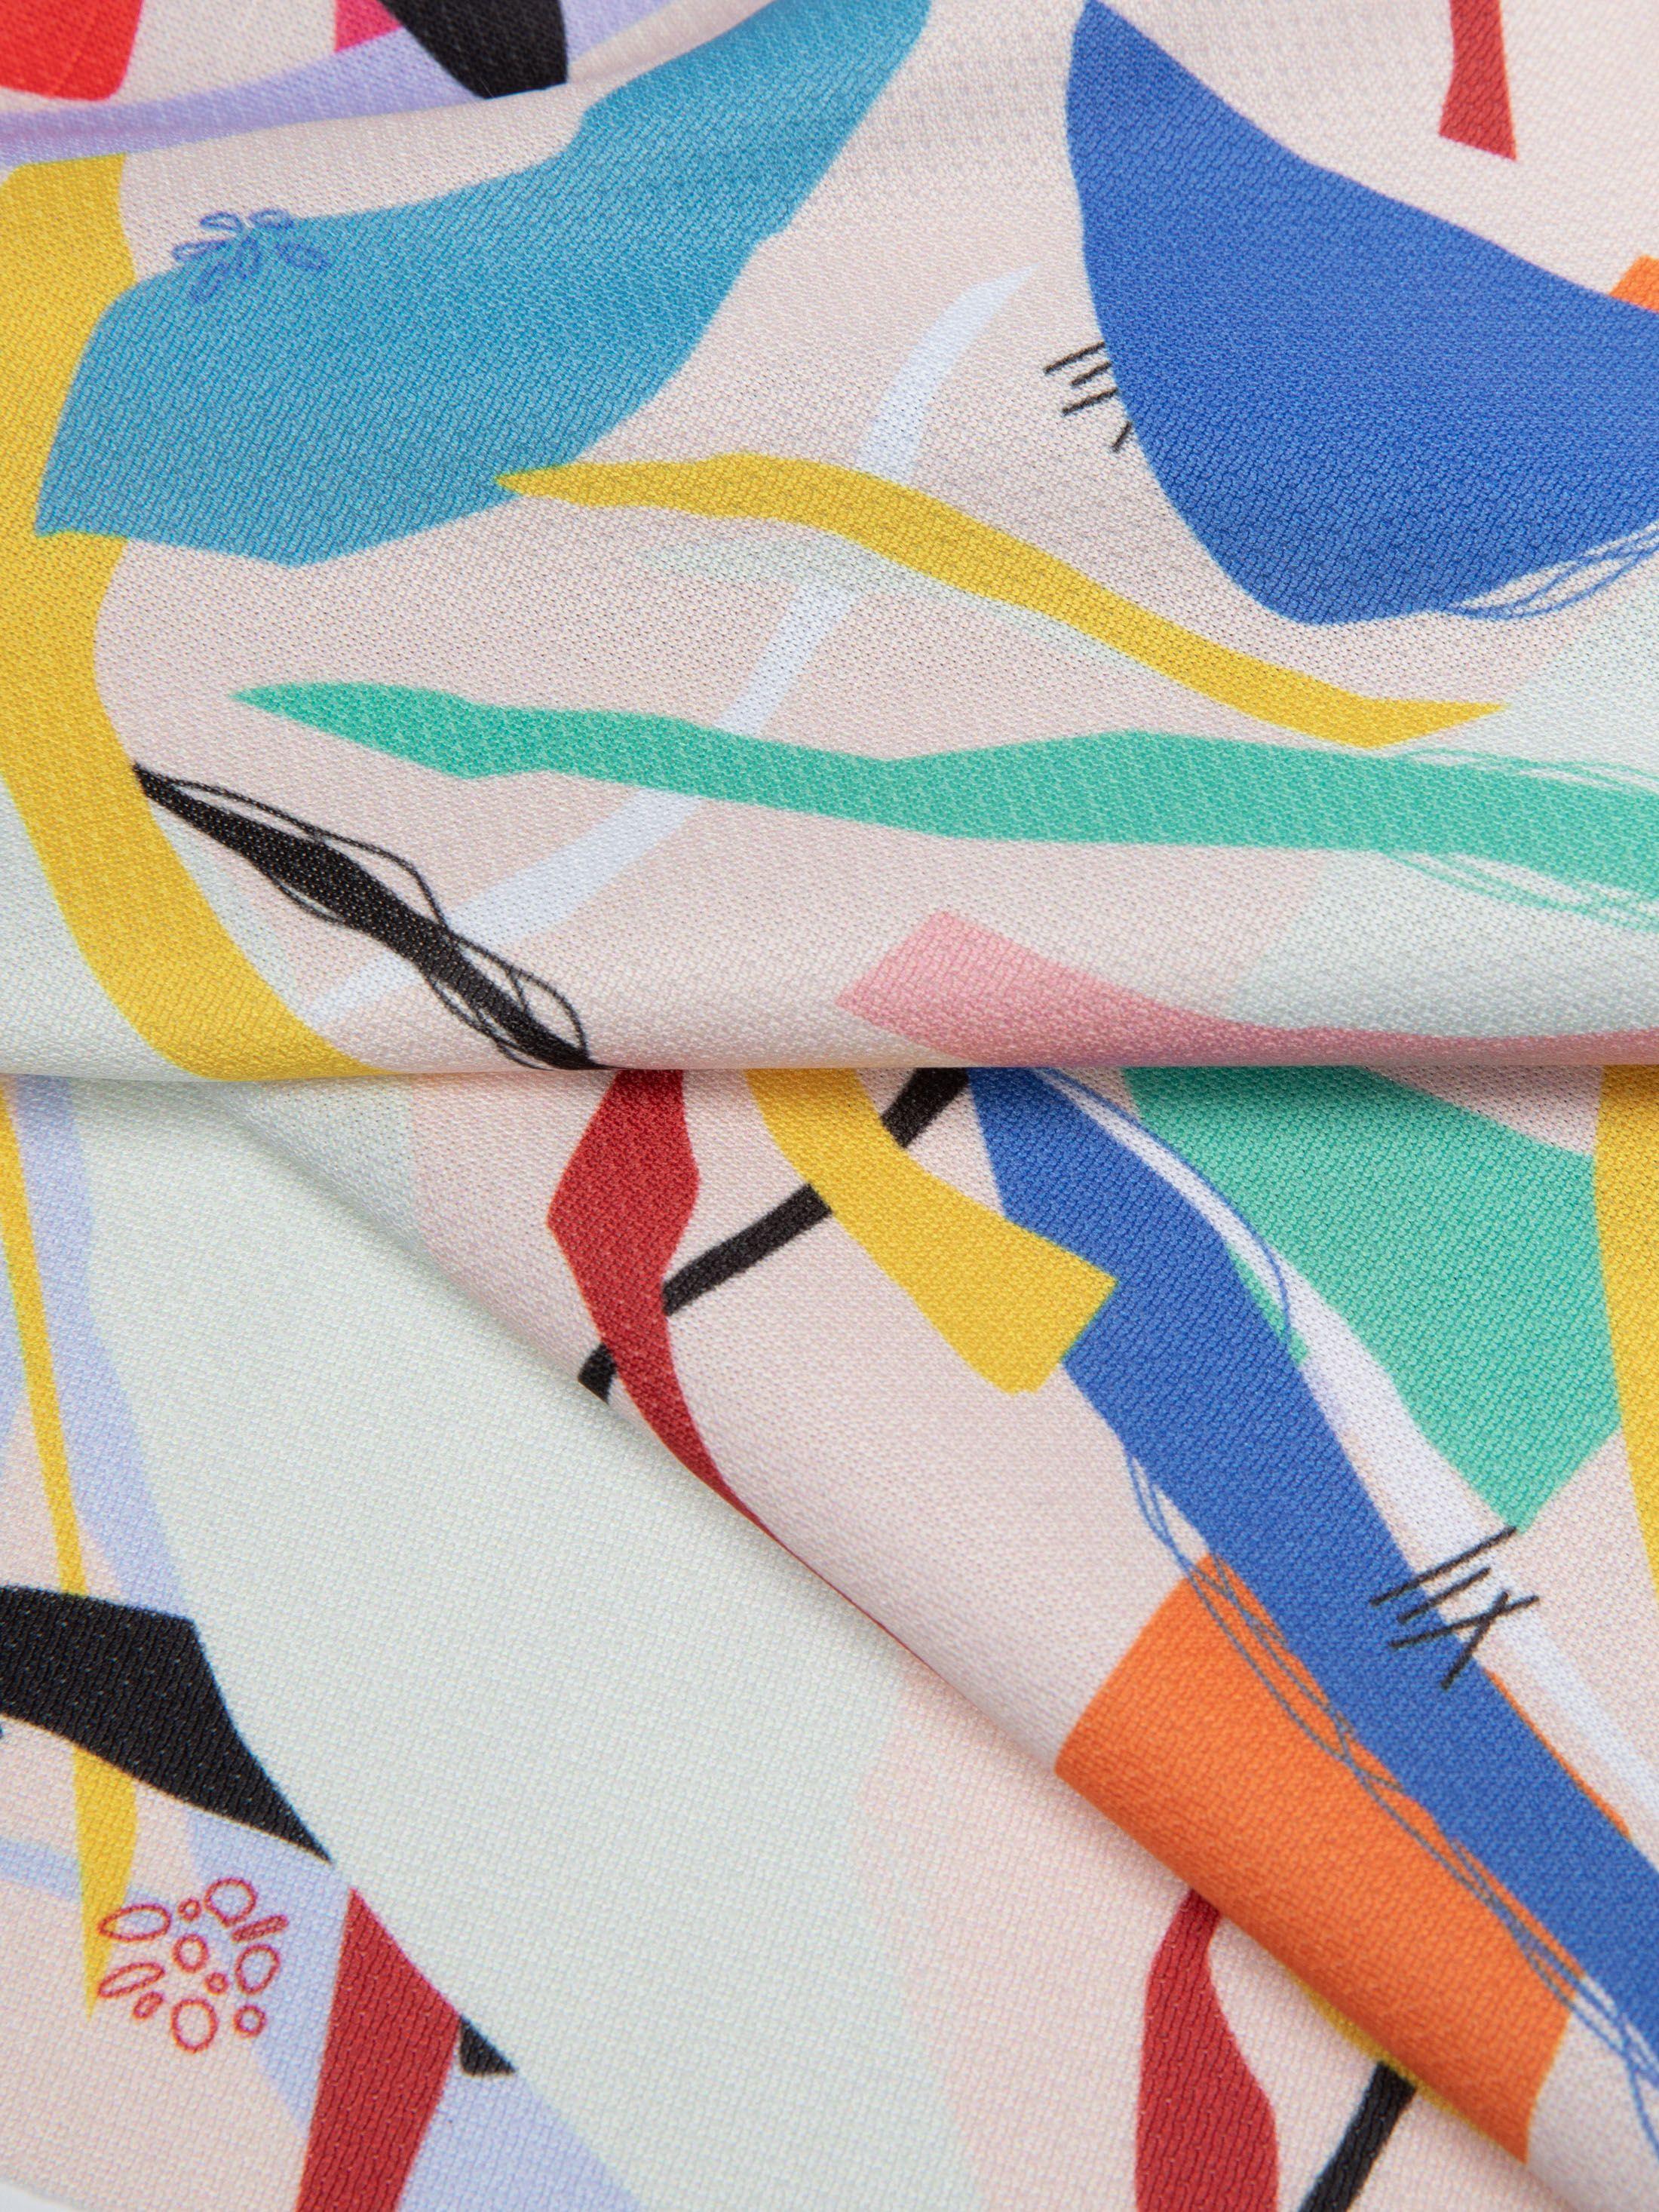 mesh stoff für sportbekleidung